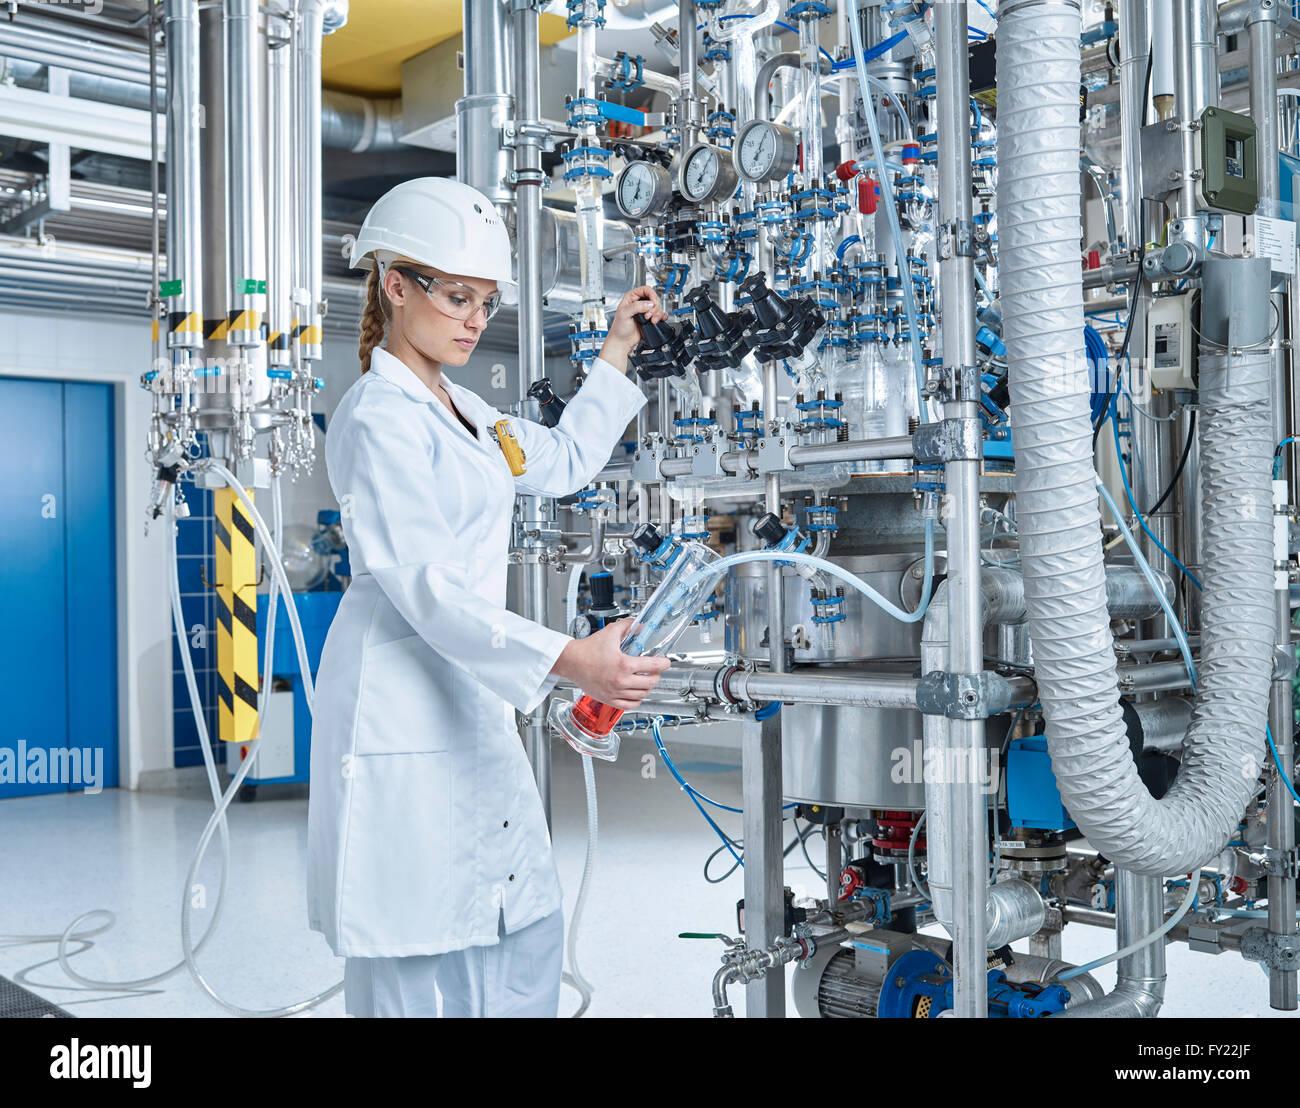 Hembra, ayudante del laboratorio químico de 20-25 años, llenar un vaso con un líquido rojo en un Imagen De Stock